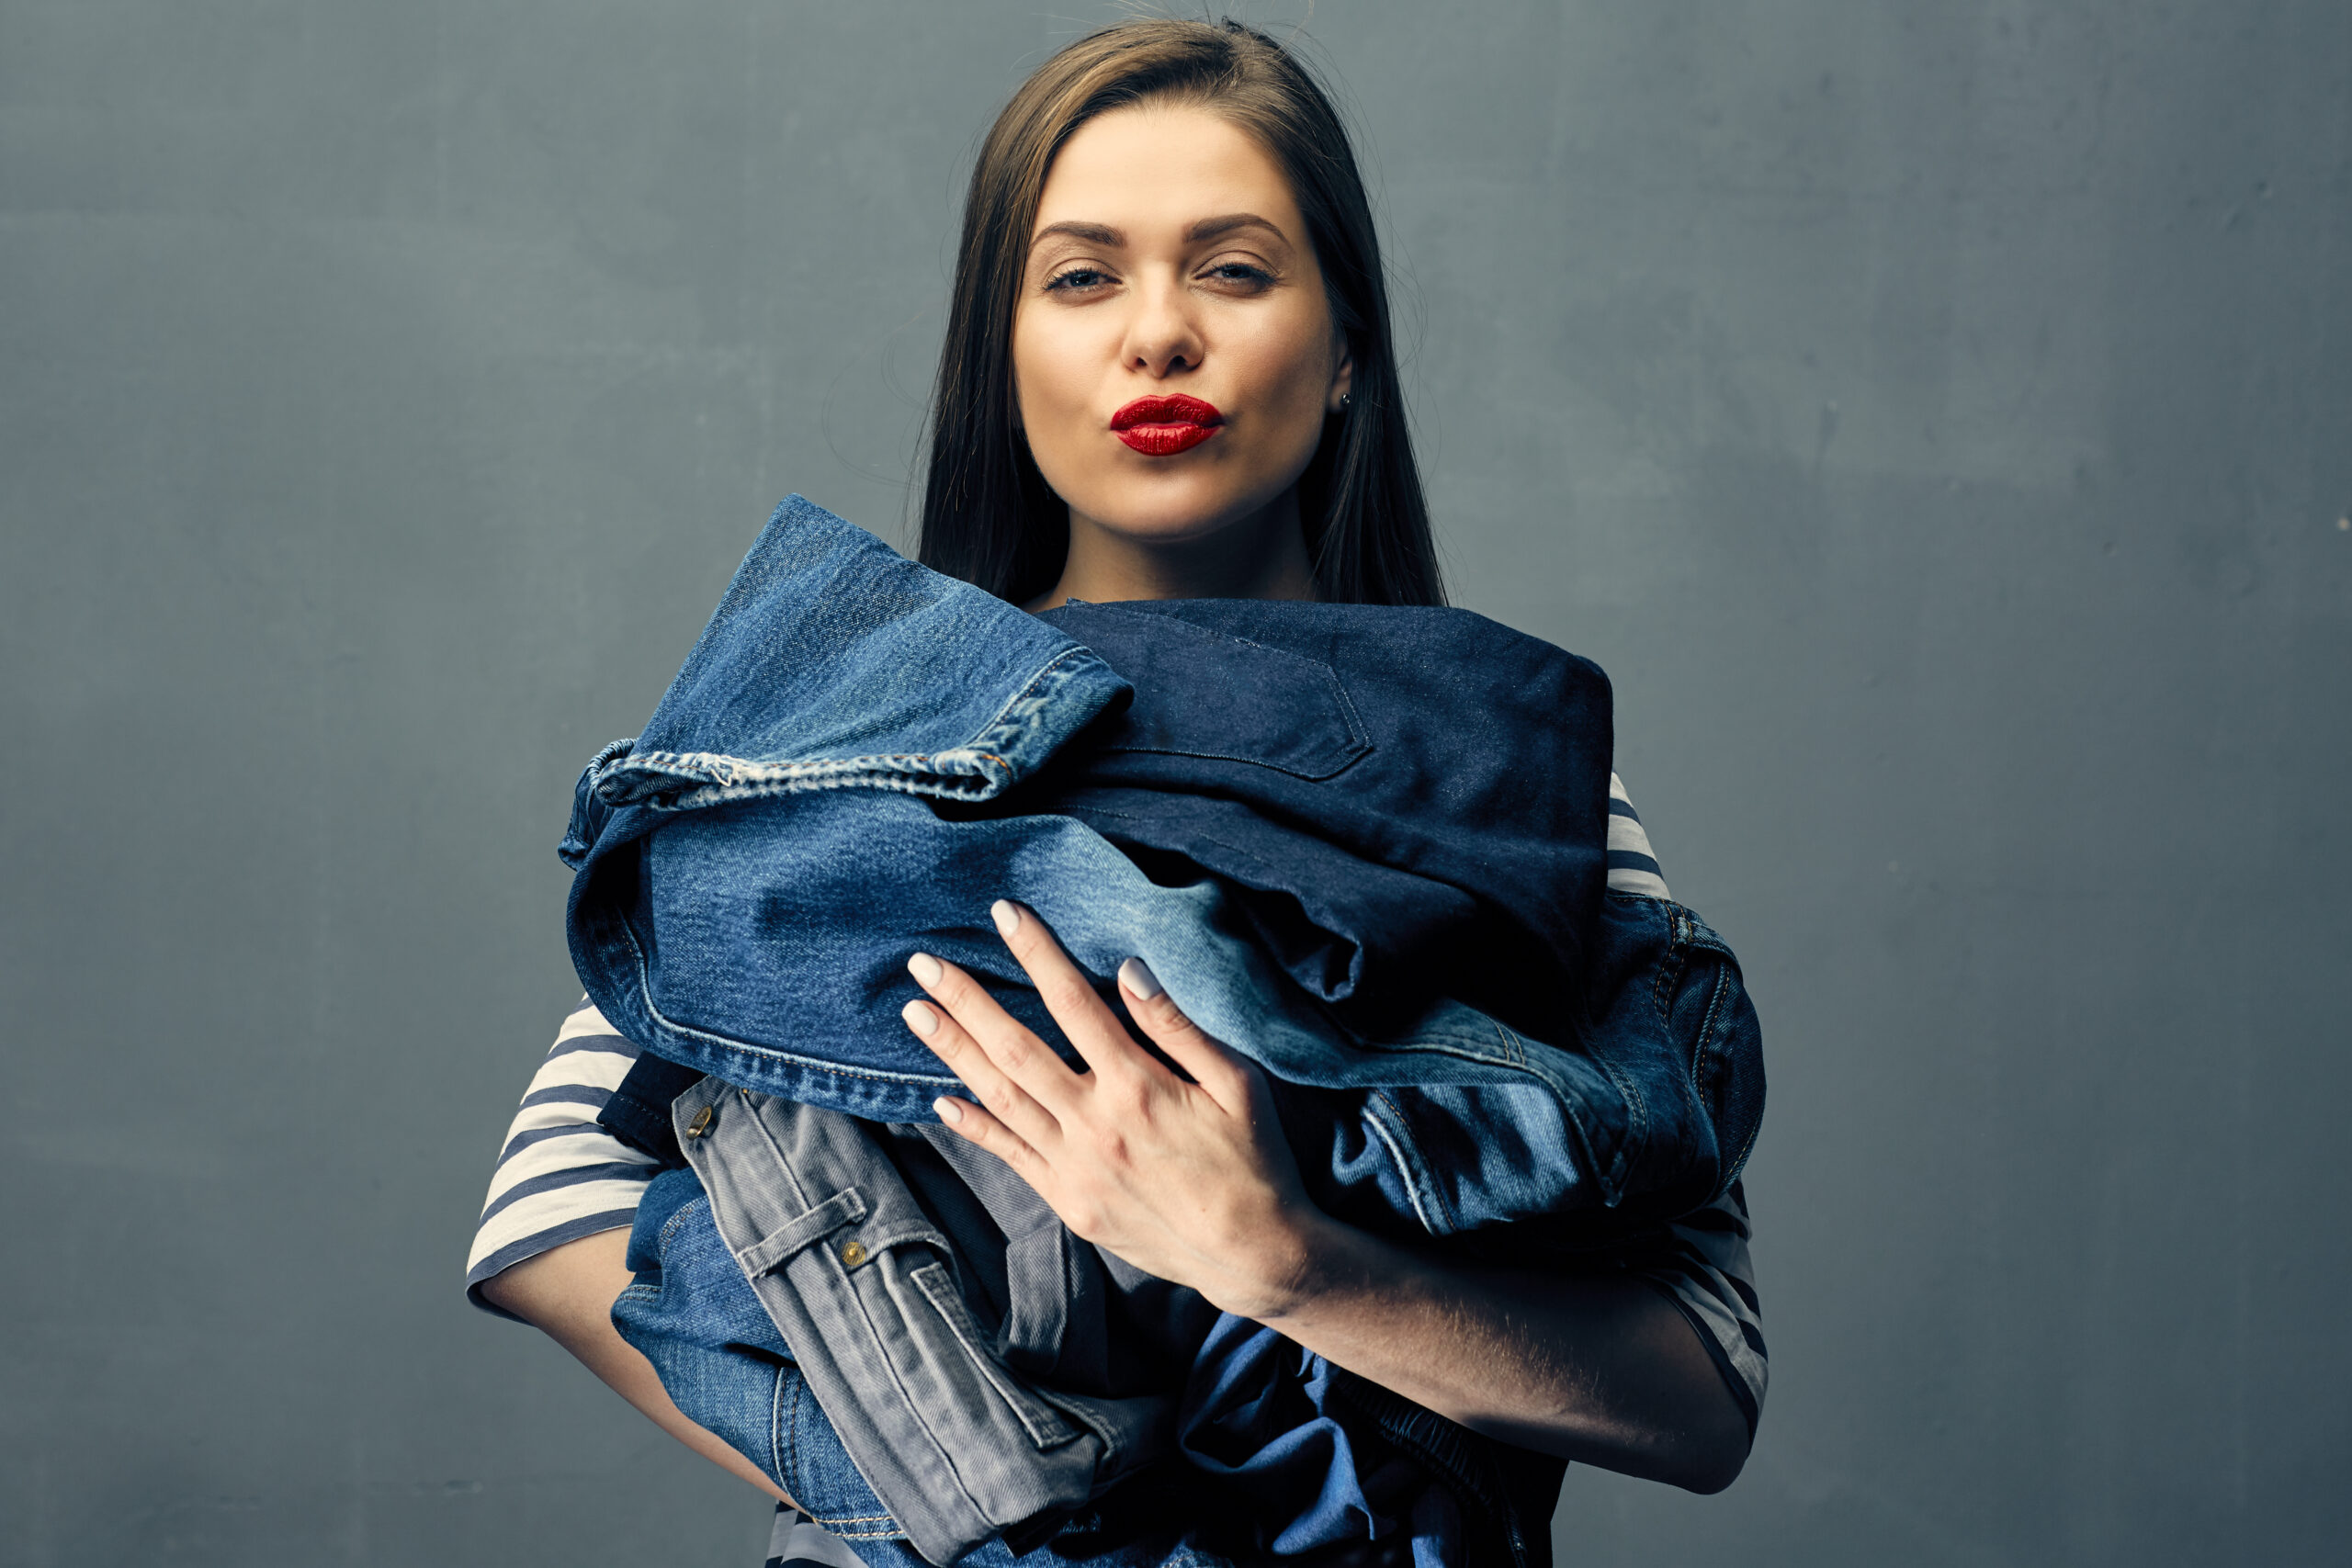 古着のデニムは洗濯してOK?正しいお手入れ方法を伝授します!